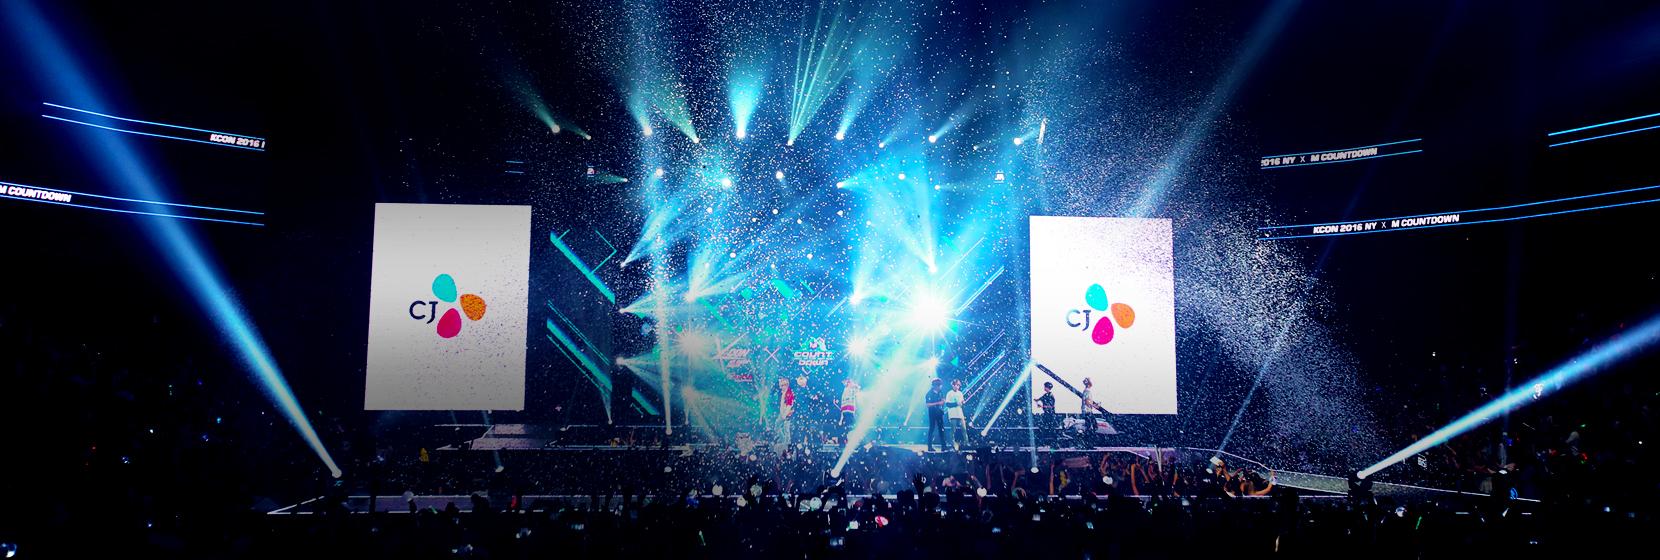 KCON 2015 LA 무대 피날레 이미지입니다.